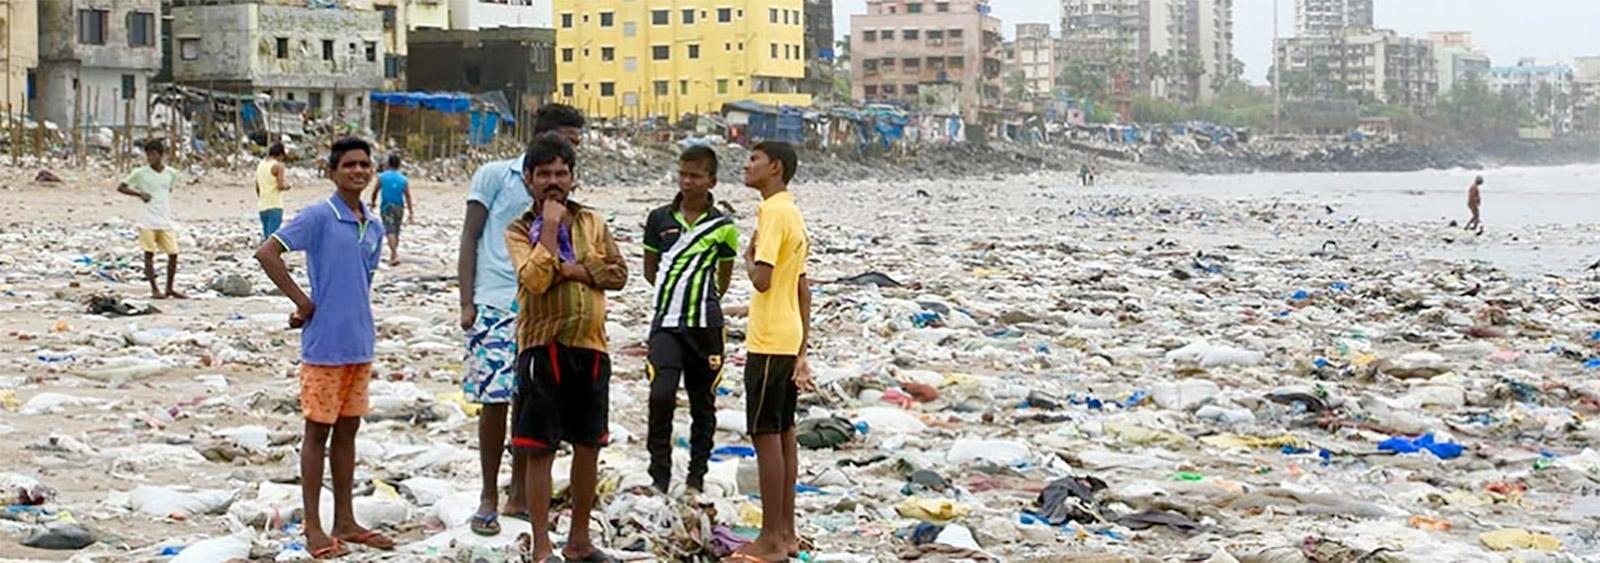 يُلقى بأكثر من 8 ملايين طن من النفايات البلاستيكية في المحيط كل عام – ما يعادل إلقاء شاحنة لجمع القمامة من البلاستيك في كل دقيقة